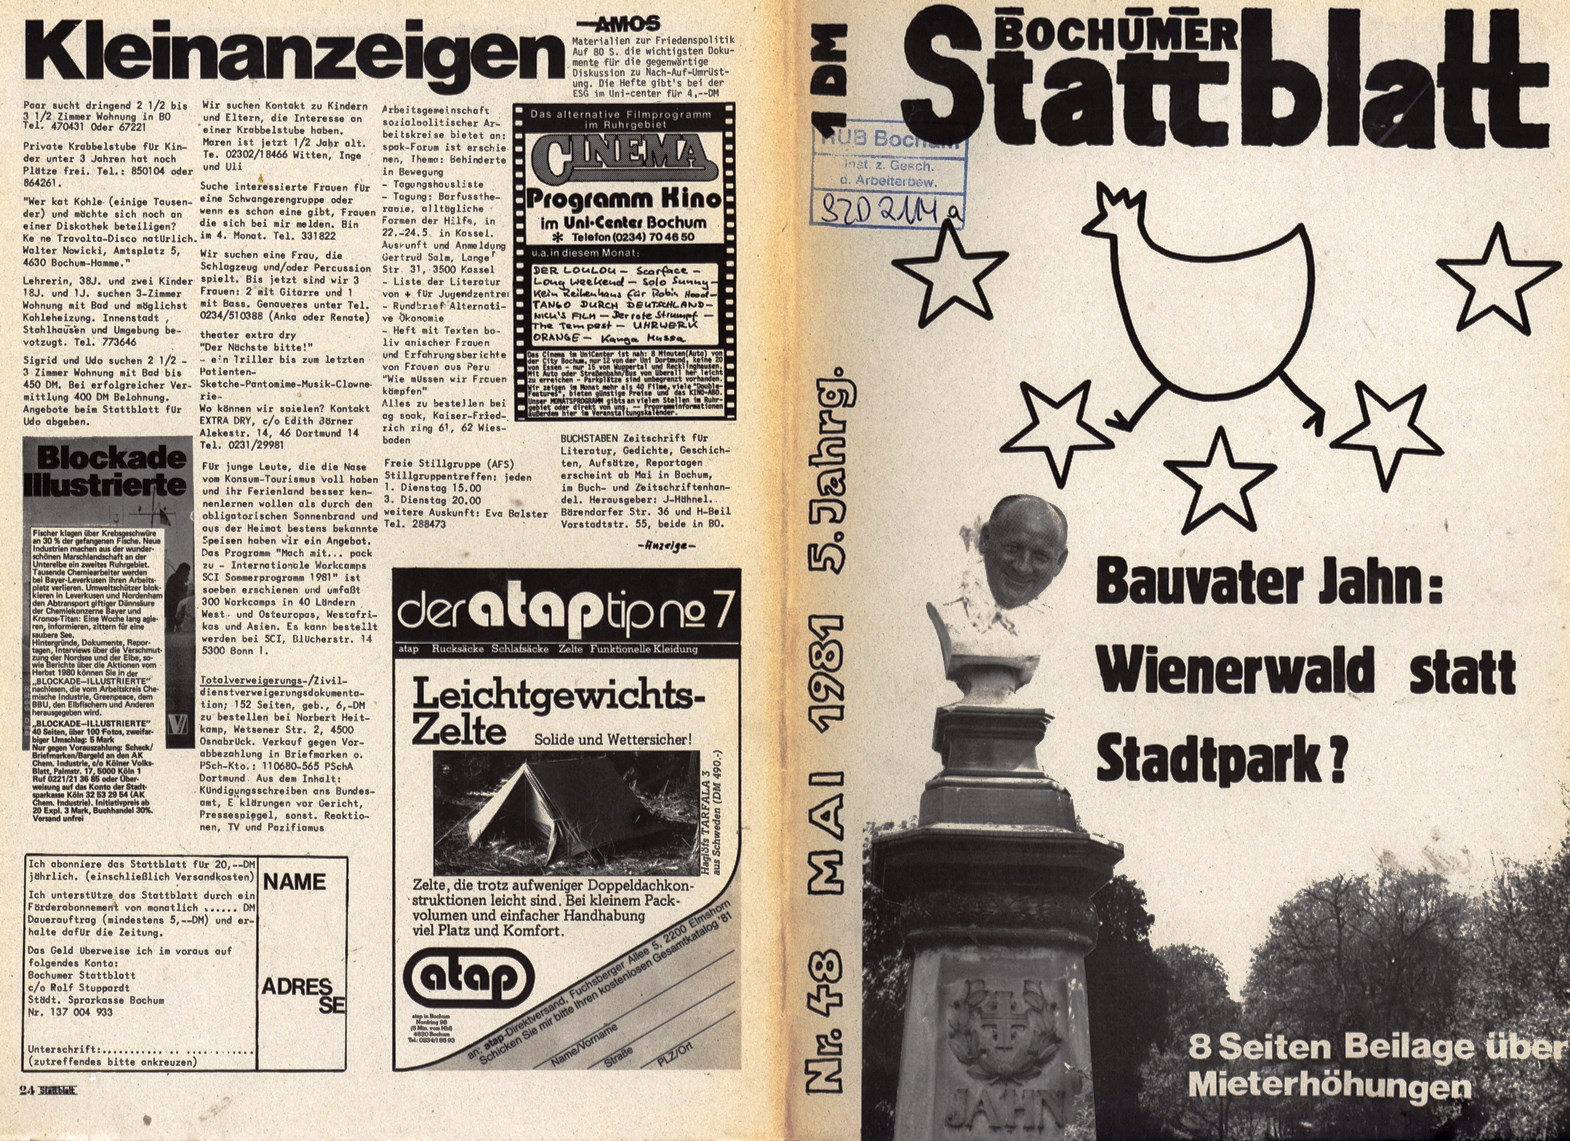 Bochum_Stattblatt_19810500_48_01